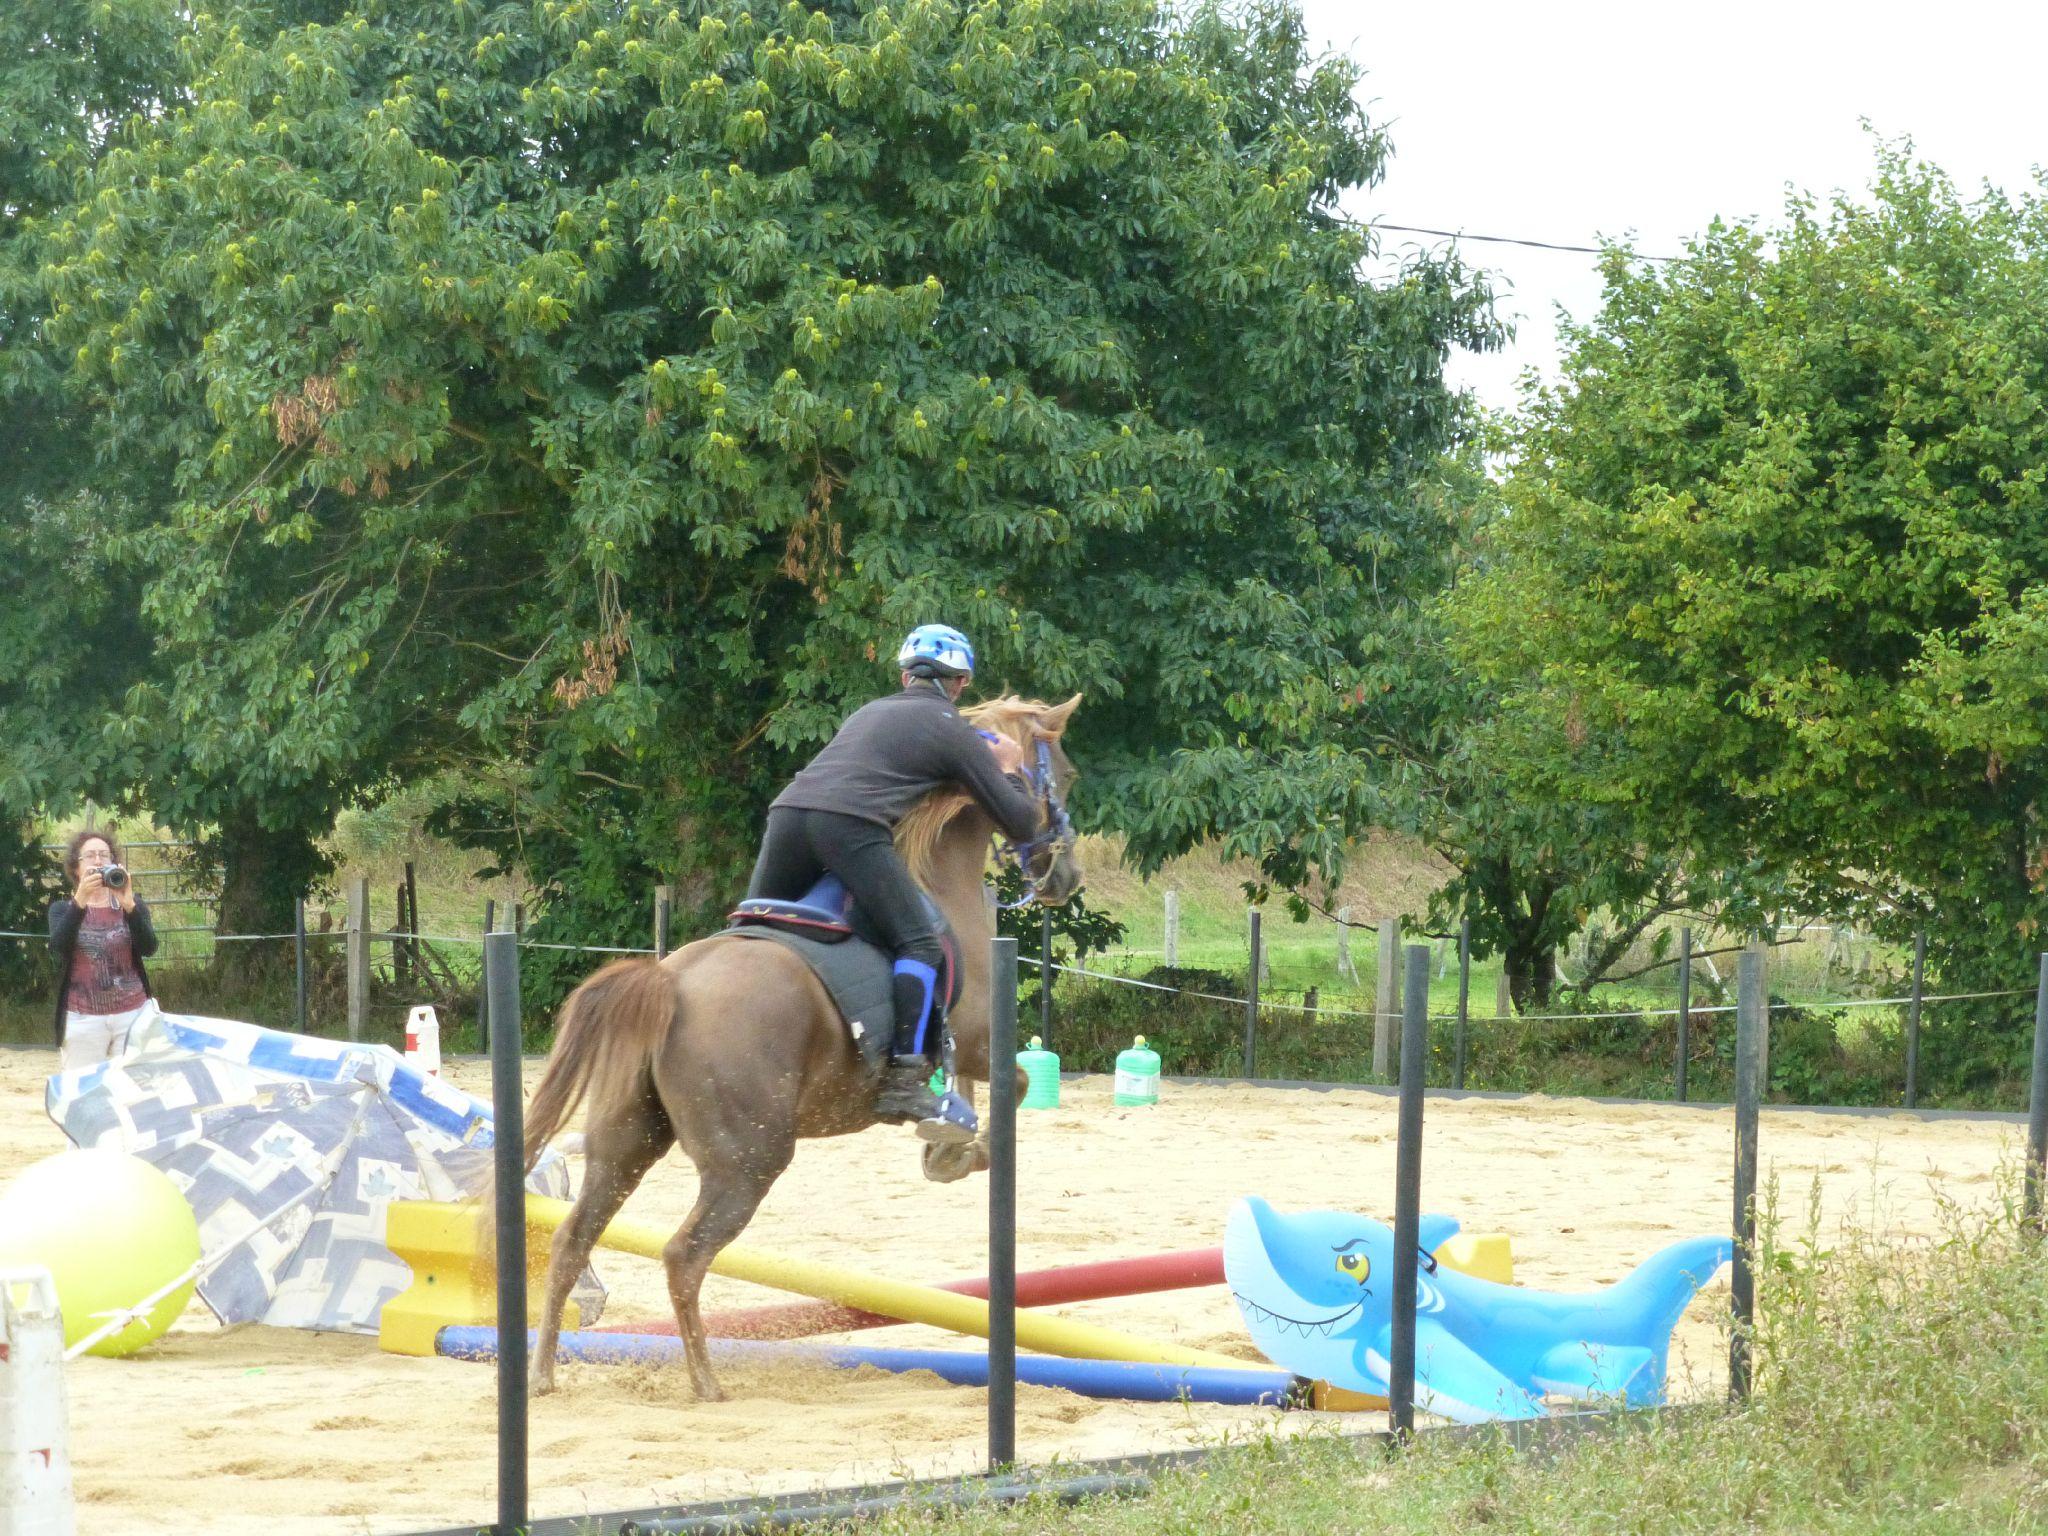 Jeux équestres manchots - parcours de pleine nature après-midi (314)